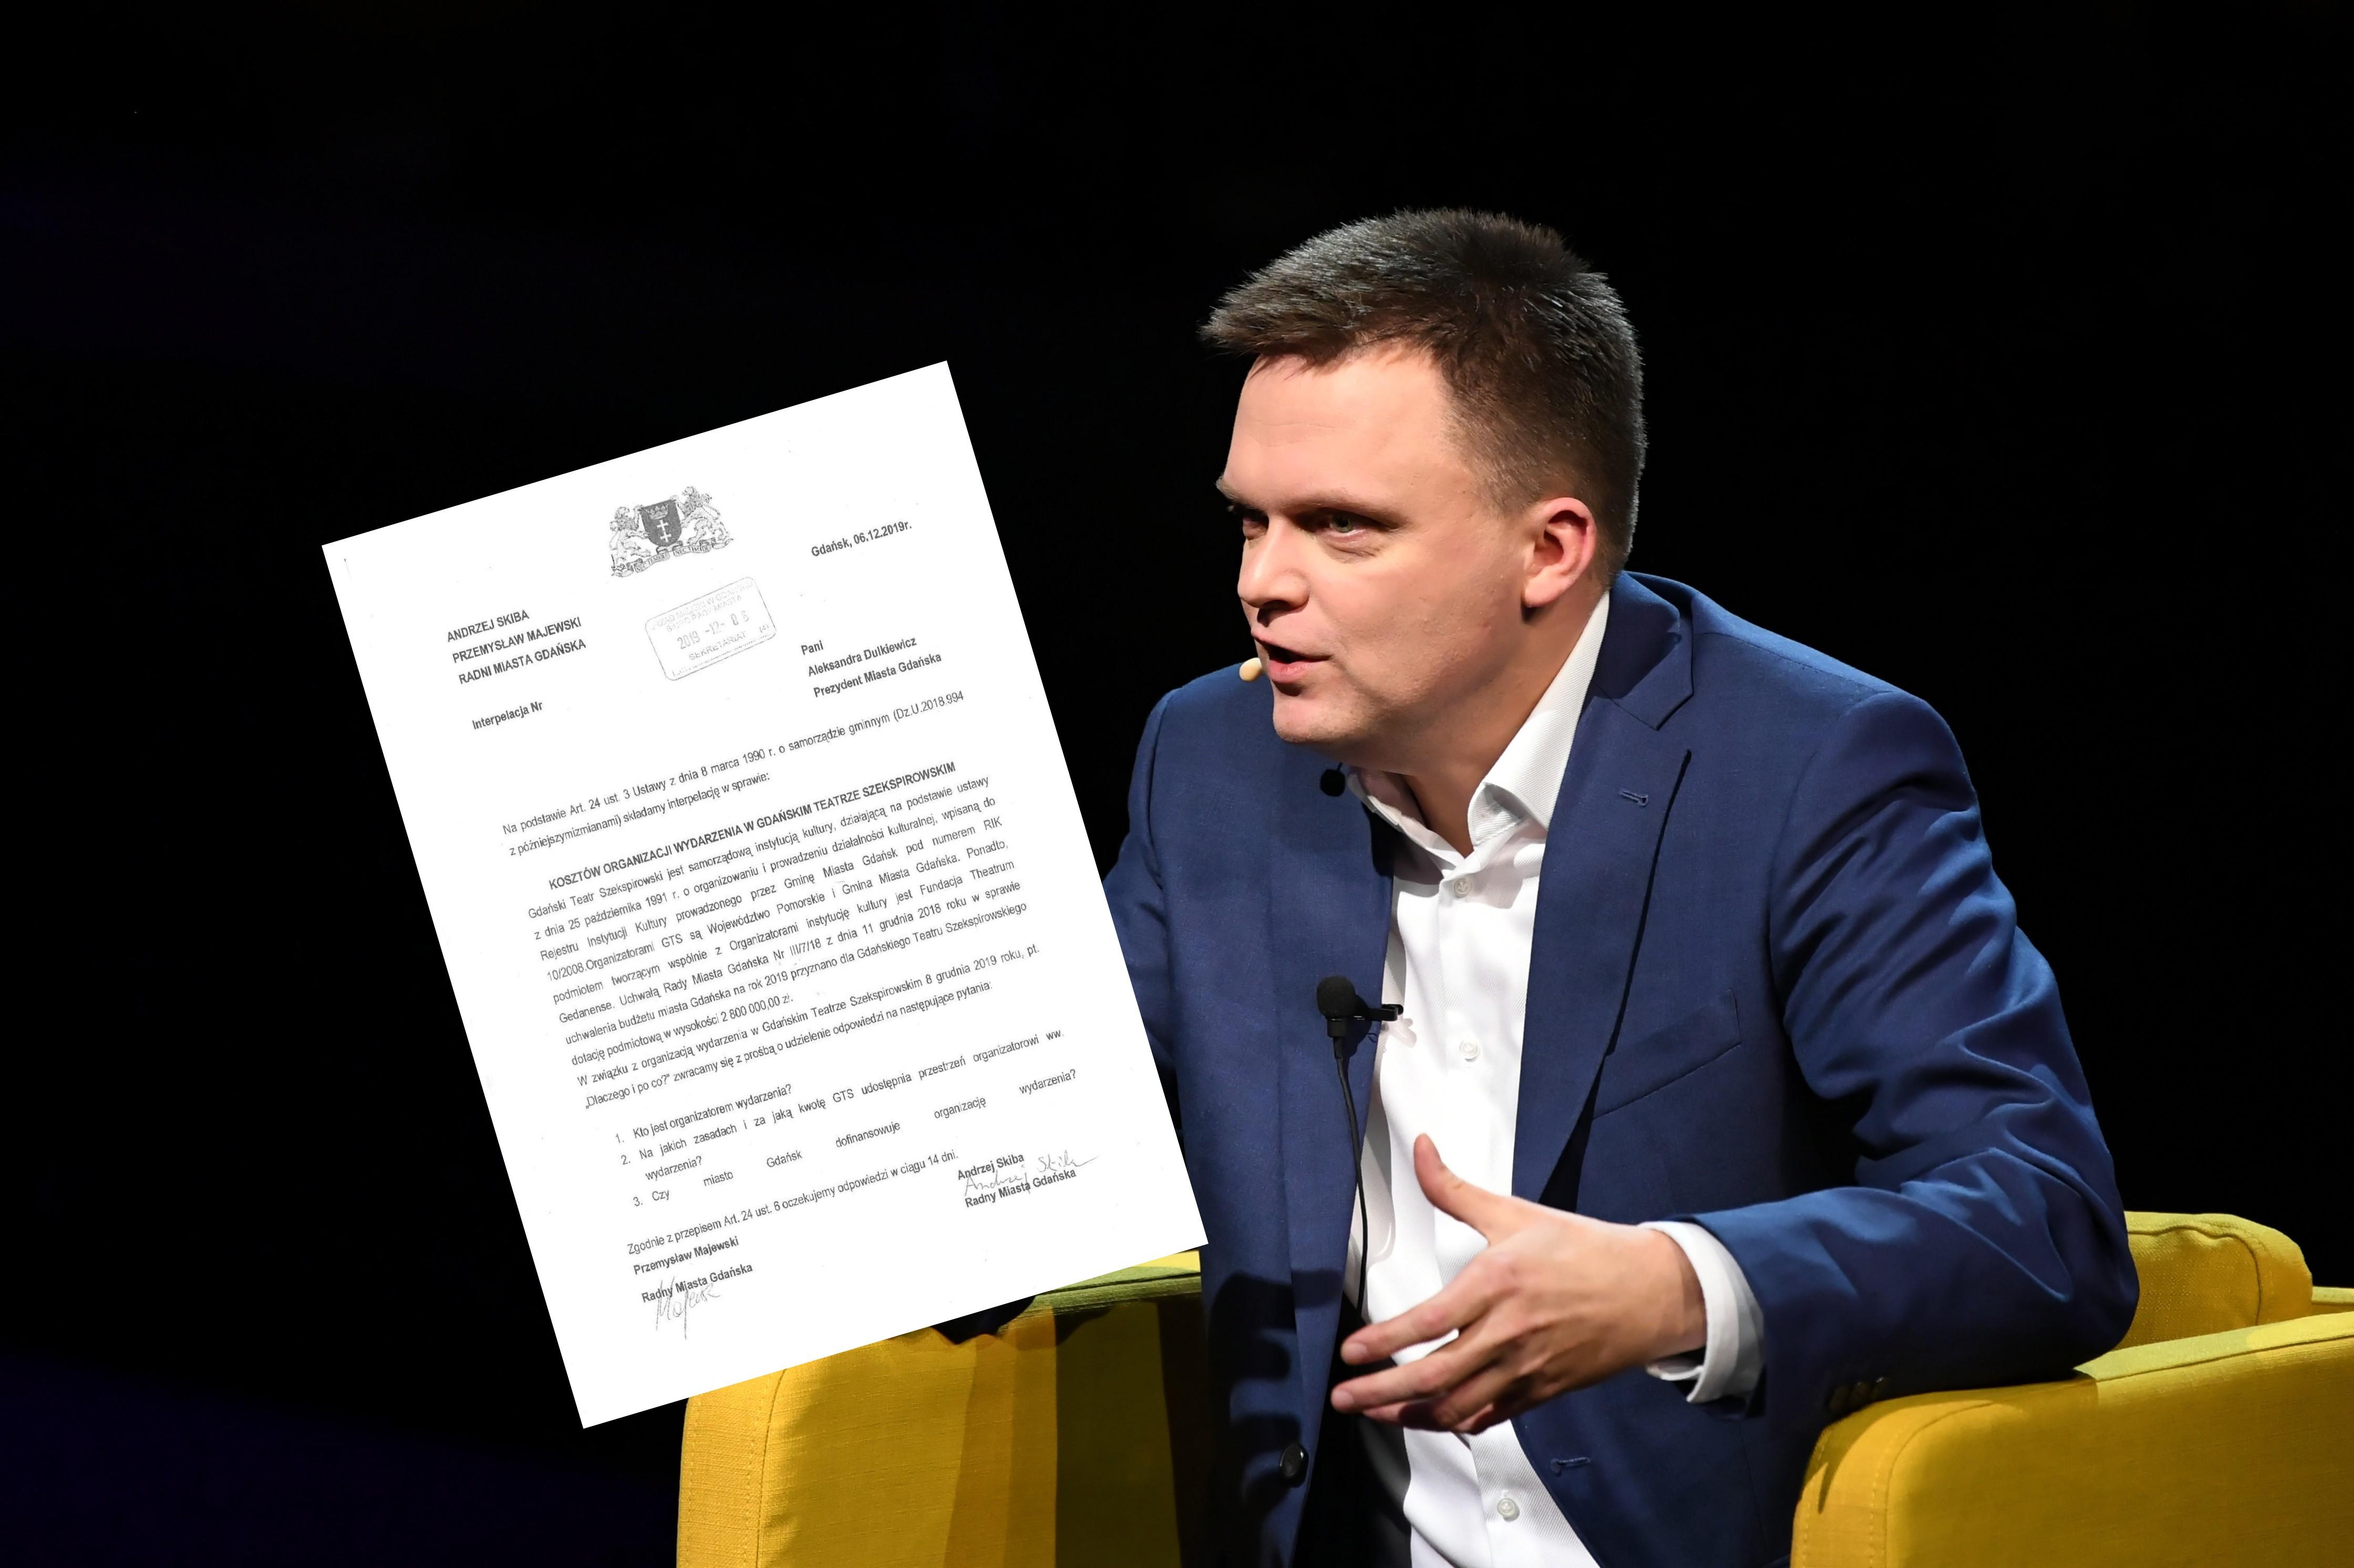 Wybory prezydenckie 2020. Radni PiS pytają o finansowanie konwencji Szymona Hołowni